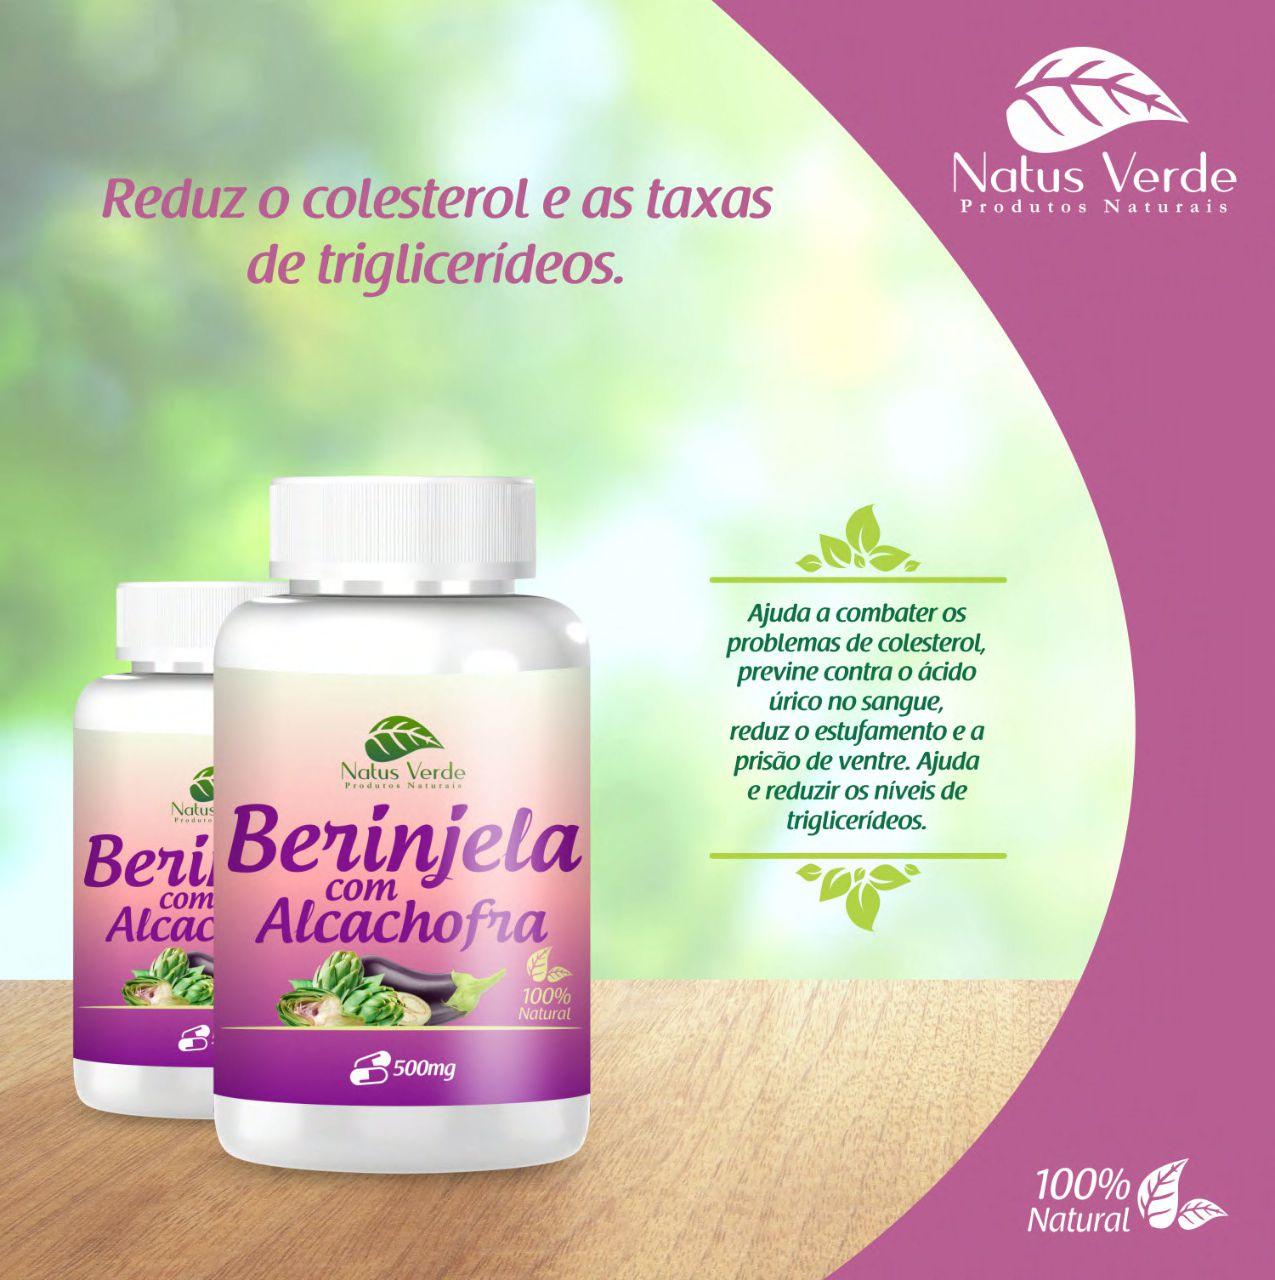 Produtos Naturais Berinjela C/ Alcachofra 60 Caps Natus Verdes  - Fribasex - Fabricasex.com